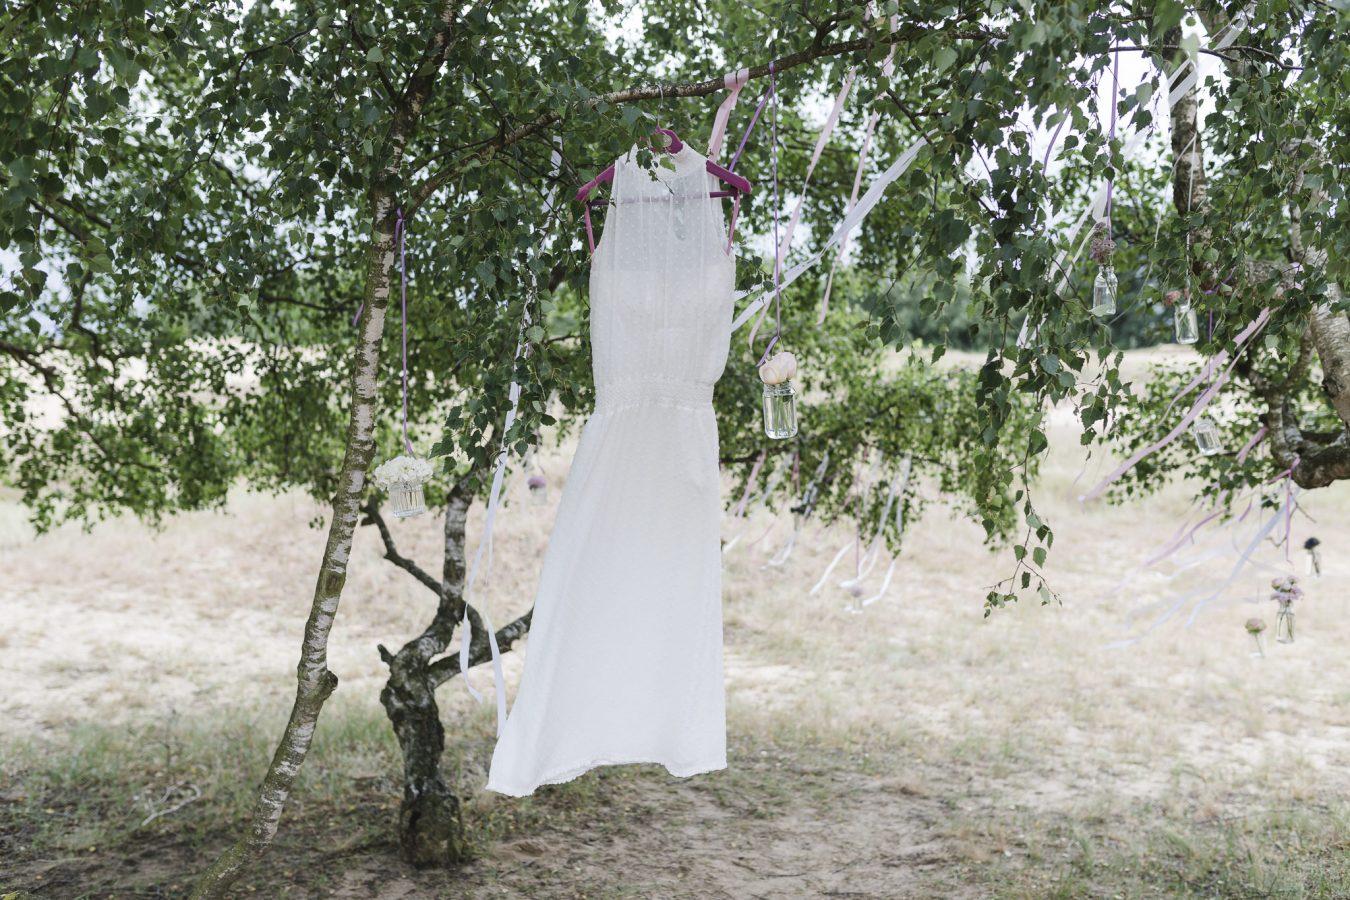 Brautkleid weht im Wind